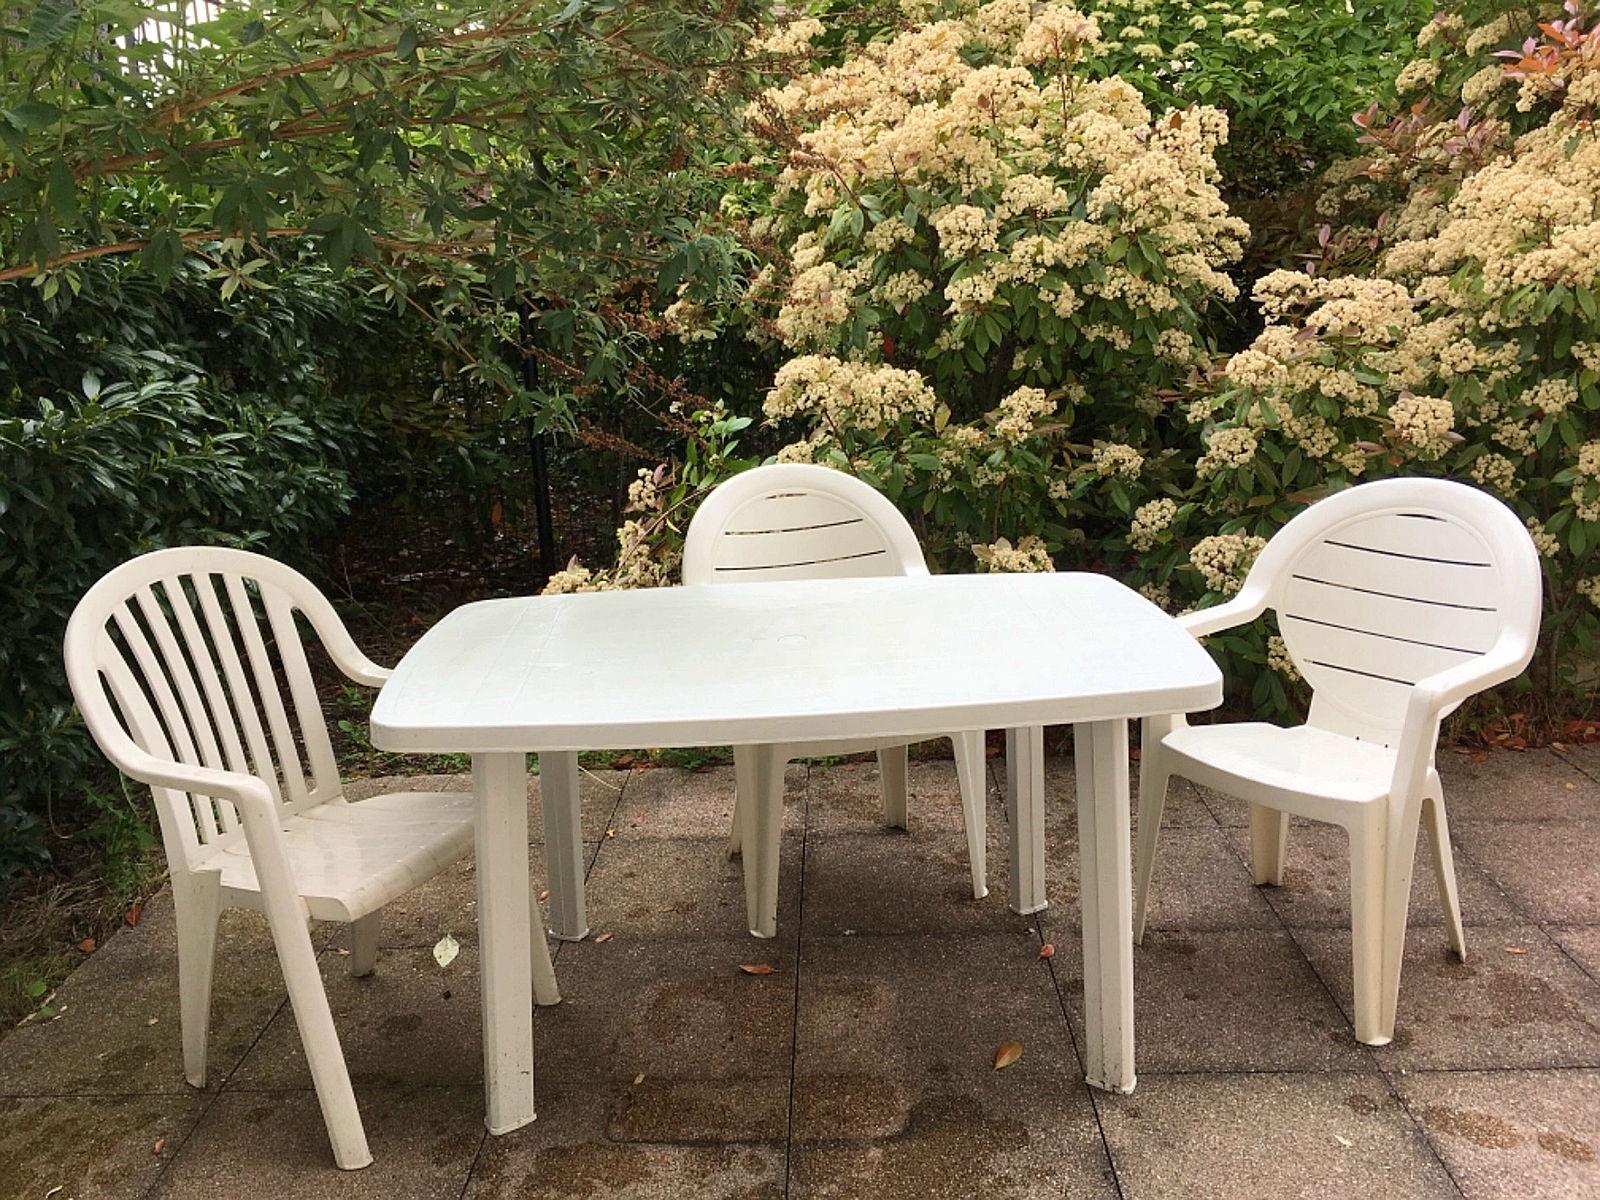 Vends table de jardin en plastique blanc FARO et 3 chaises blanches ...